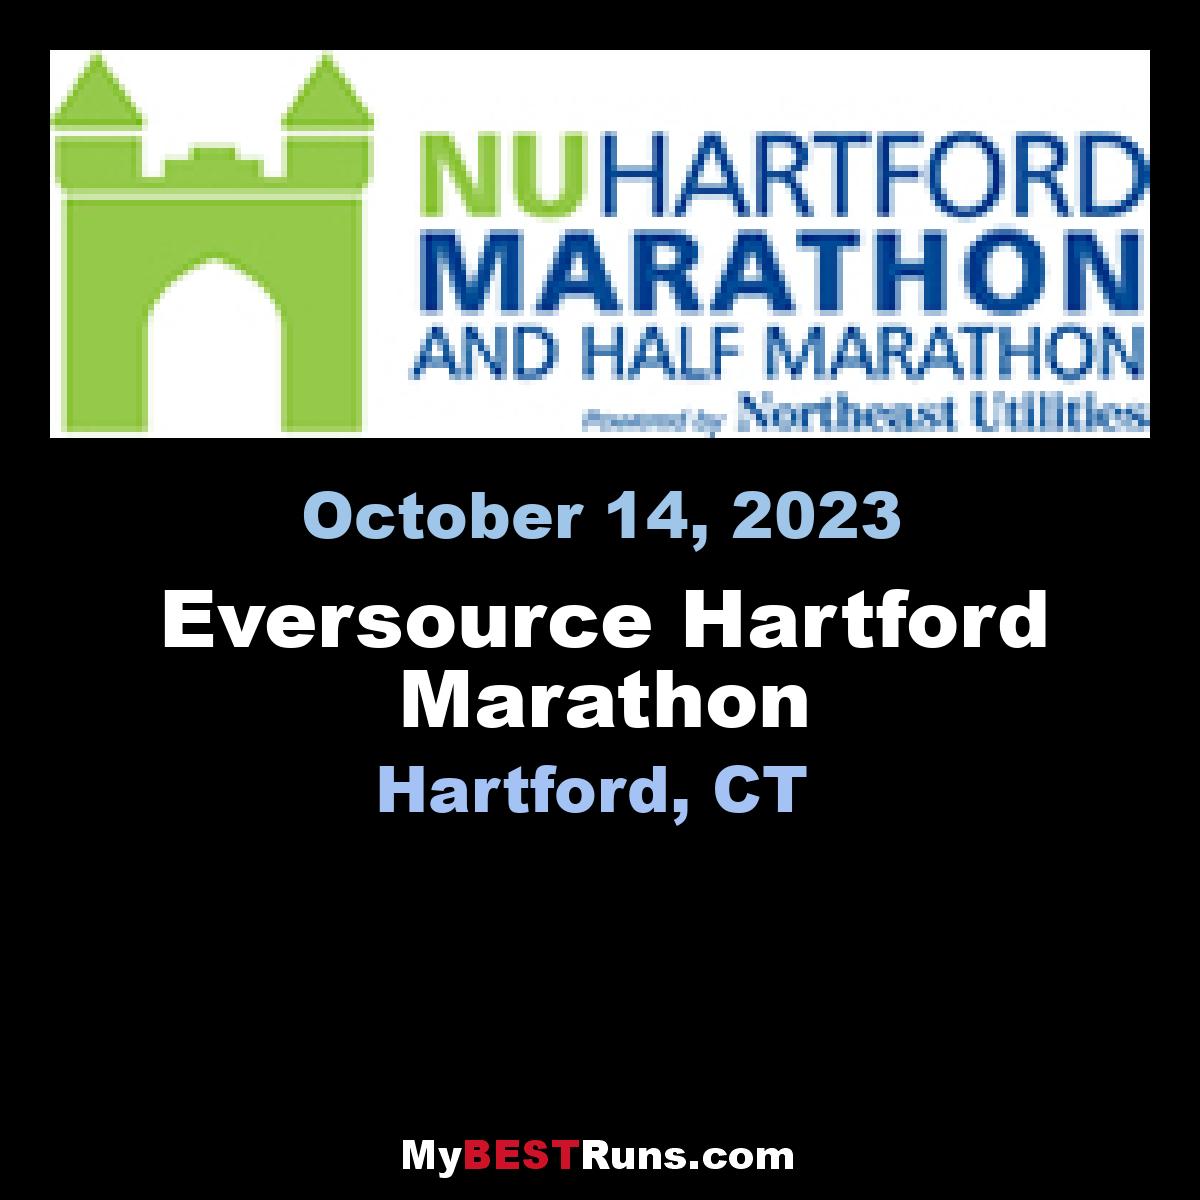 Eversource Hartford Marathon